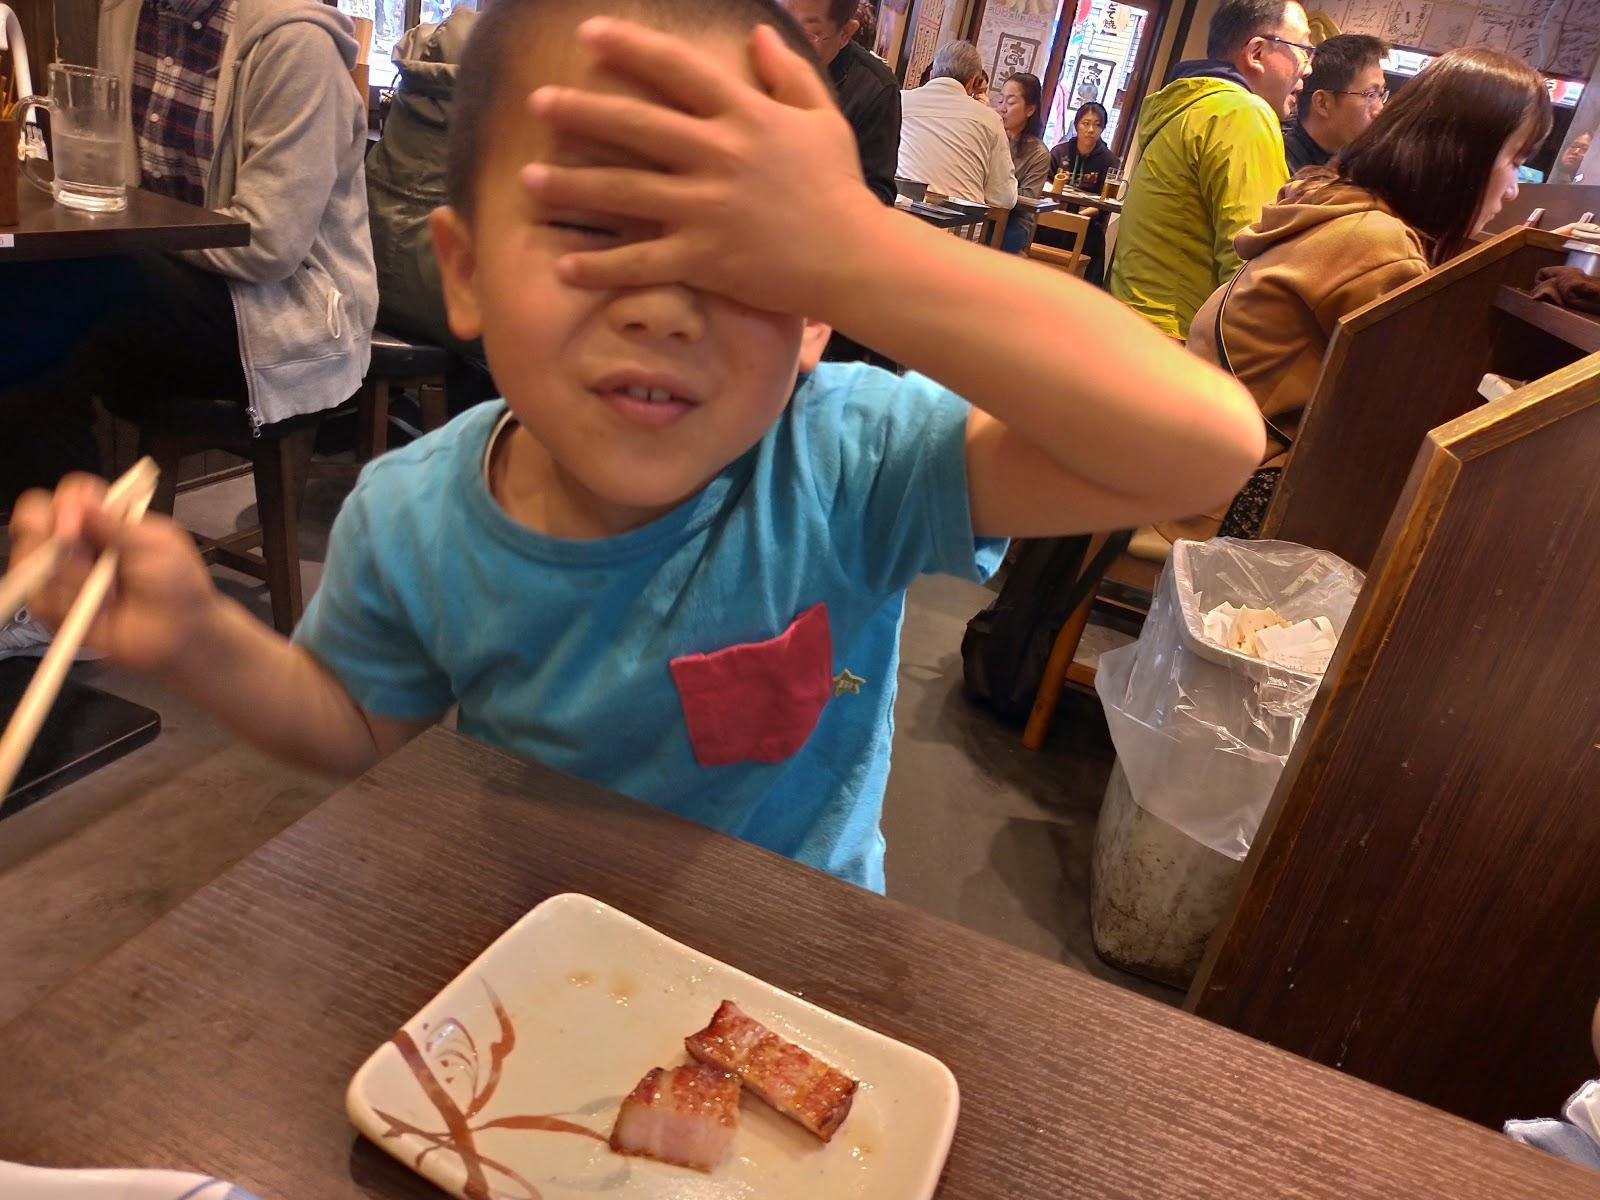 子どもたちも大喜び!串かつ・どて焼き壱番の元祖串かつがおすすめだったのでご紹介します!